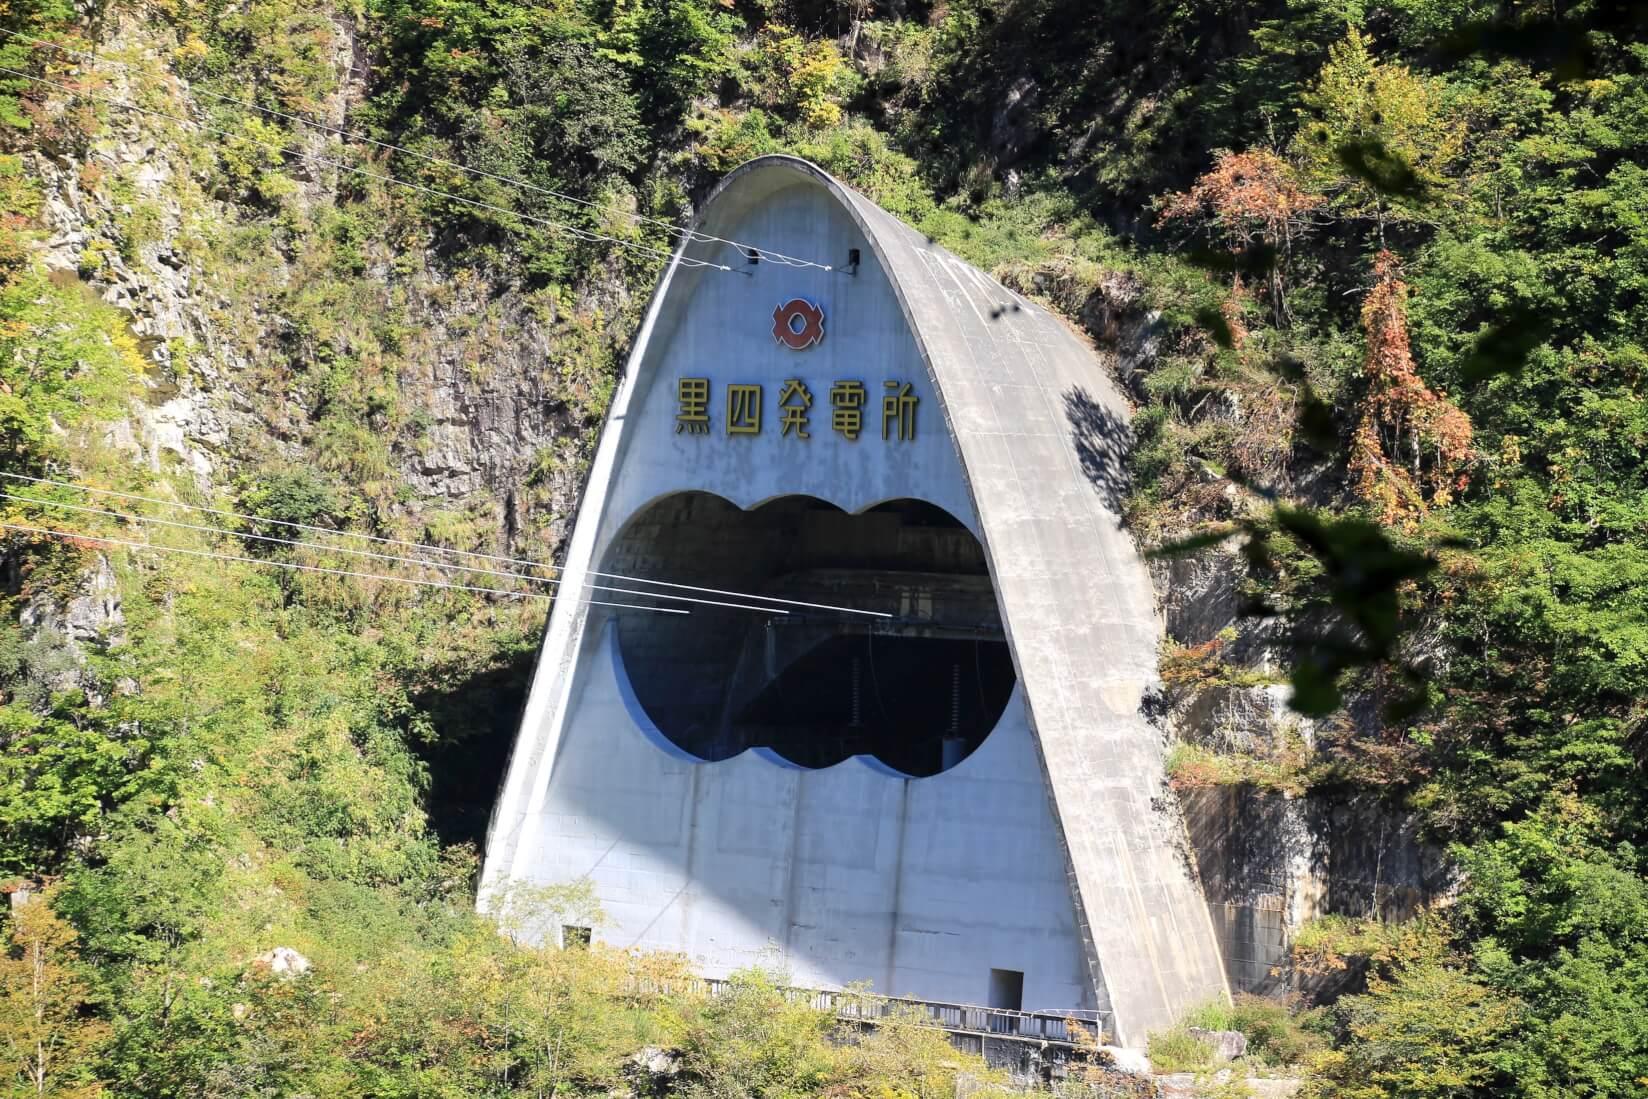 下ノ廊下、S字峡〜仙人谷ダム